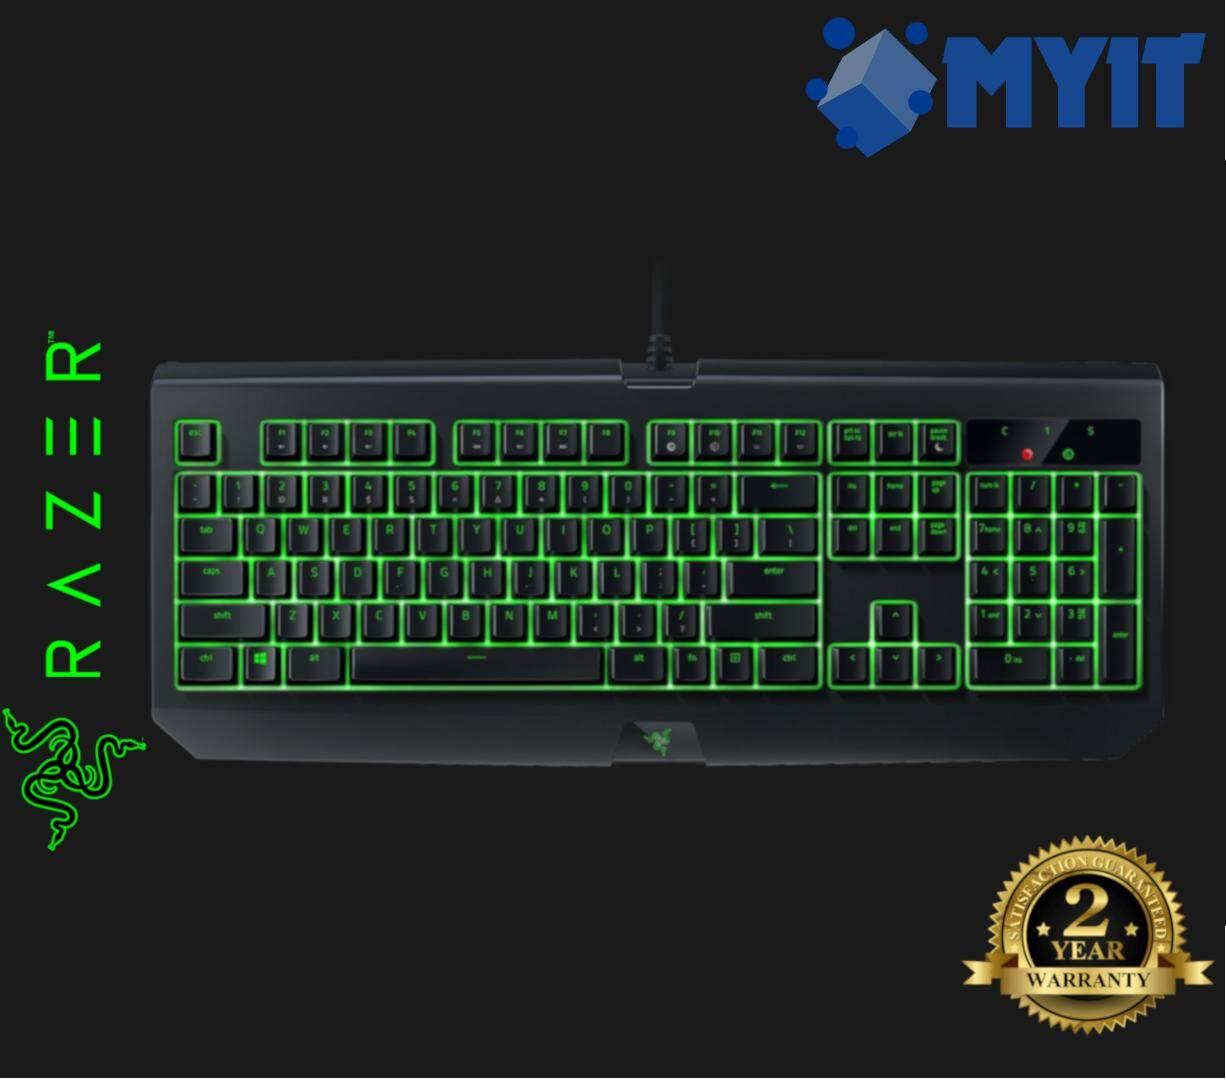 Razer Original Bladewidow Ultimate 2017 Water Resistant Gaming Mechanical Keyboard (IP54 Water Resistance)